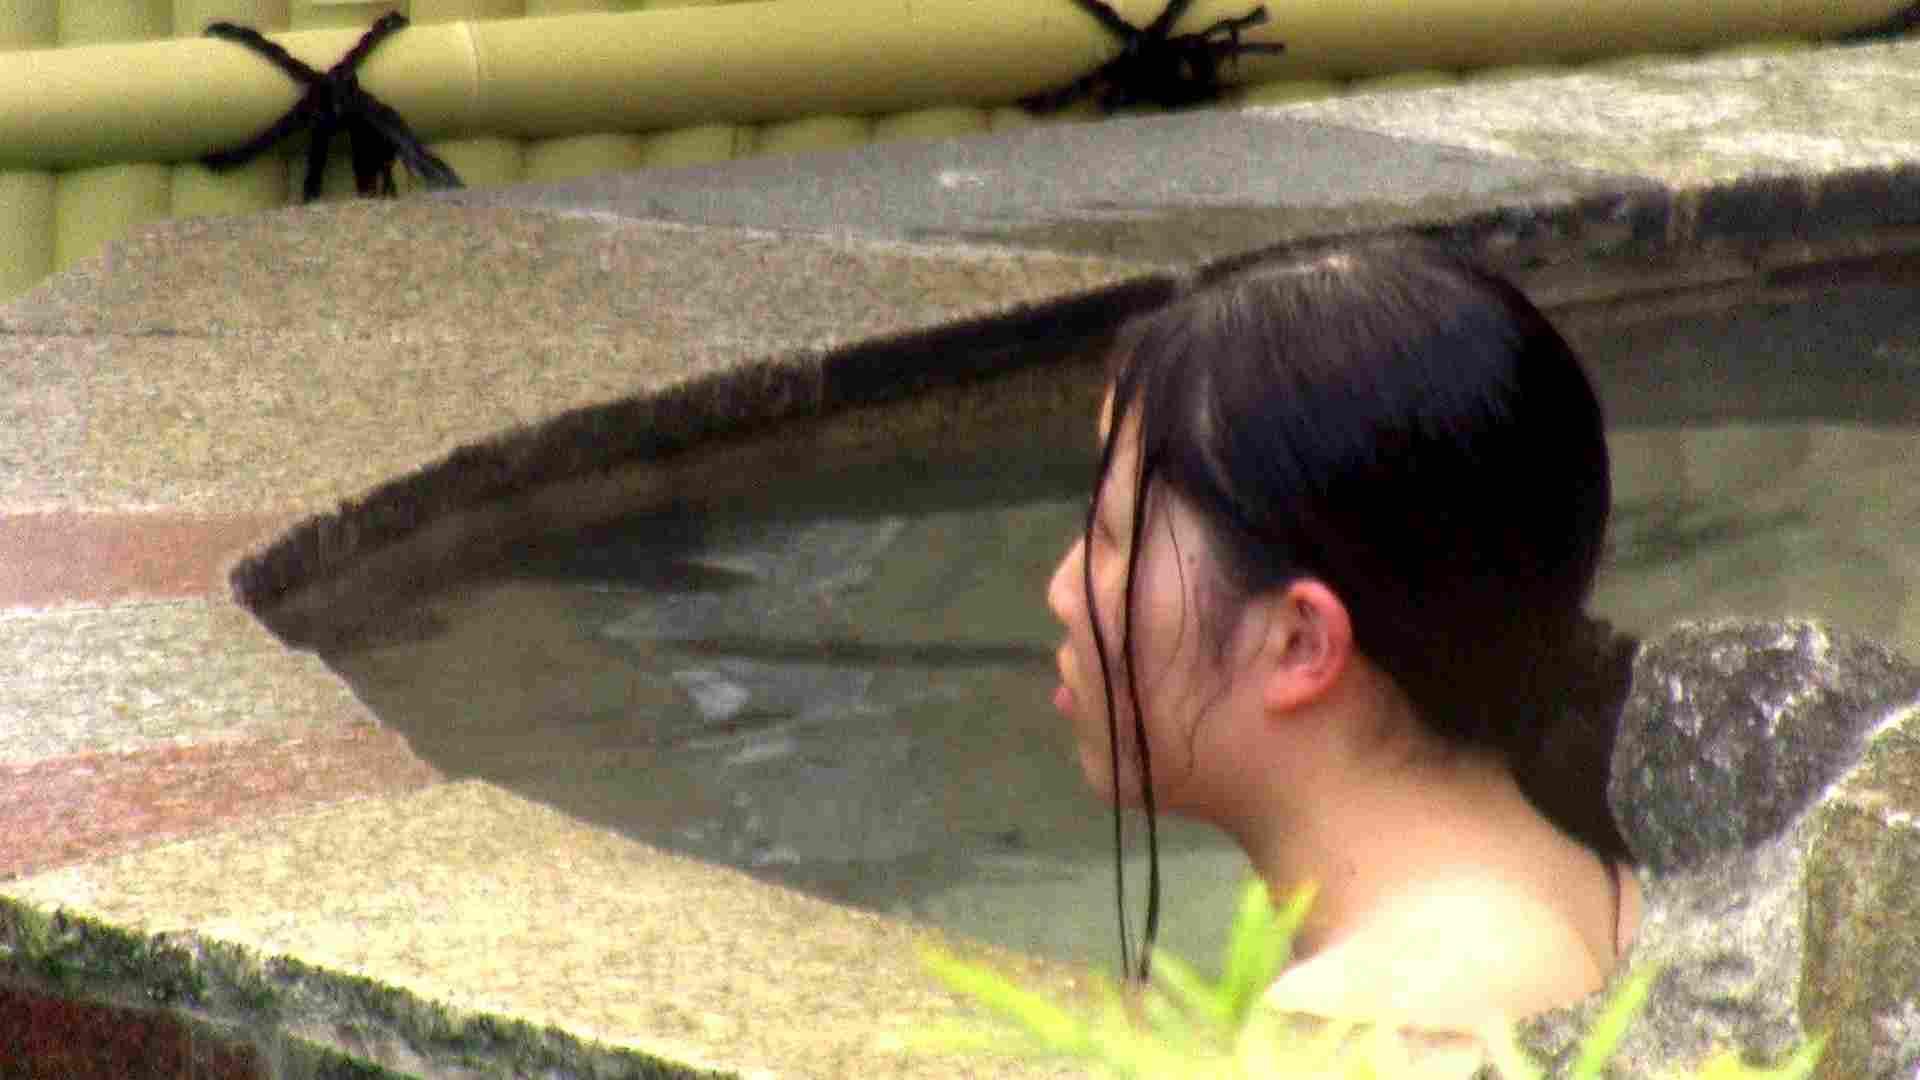 Aquaな露天風呂Vol.218 露天   盗撮  81PICs 61